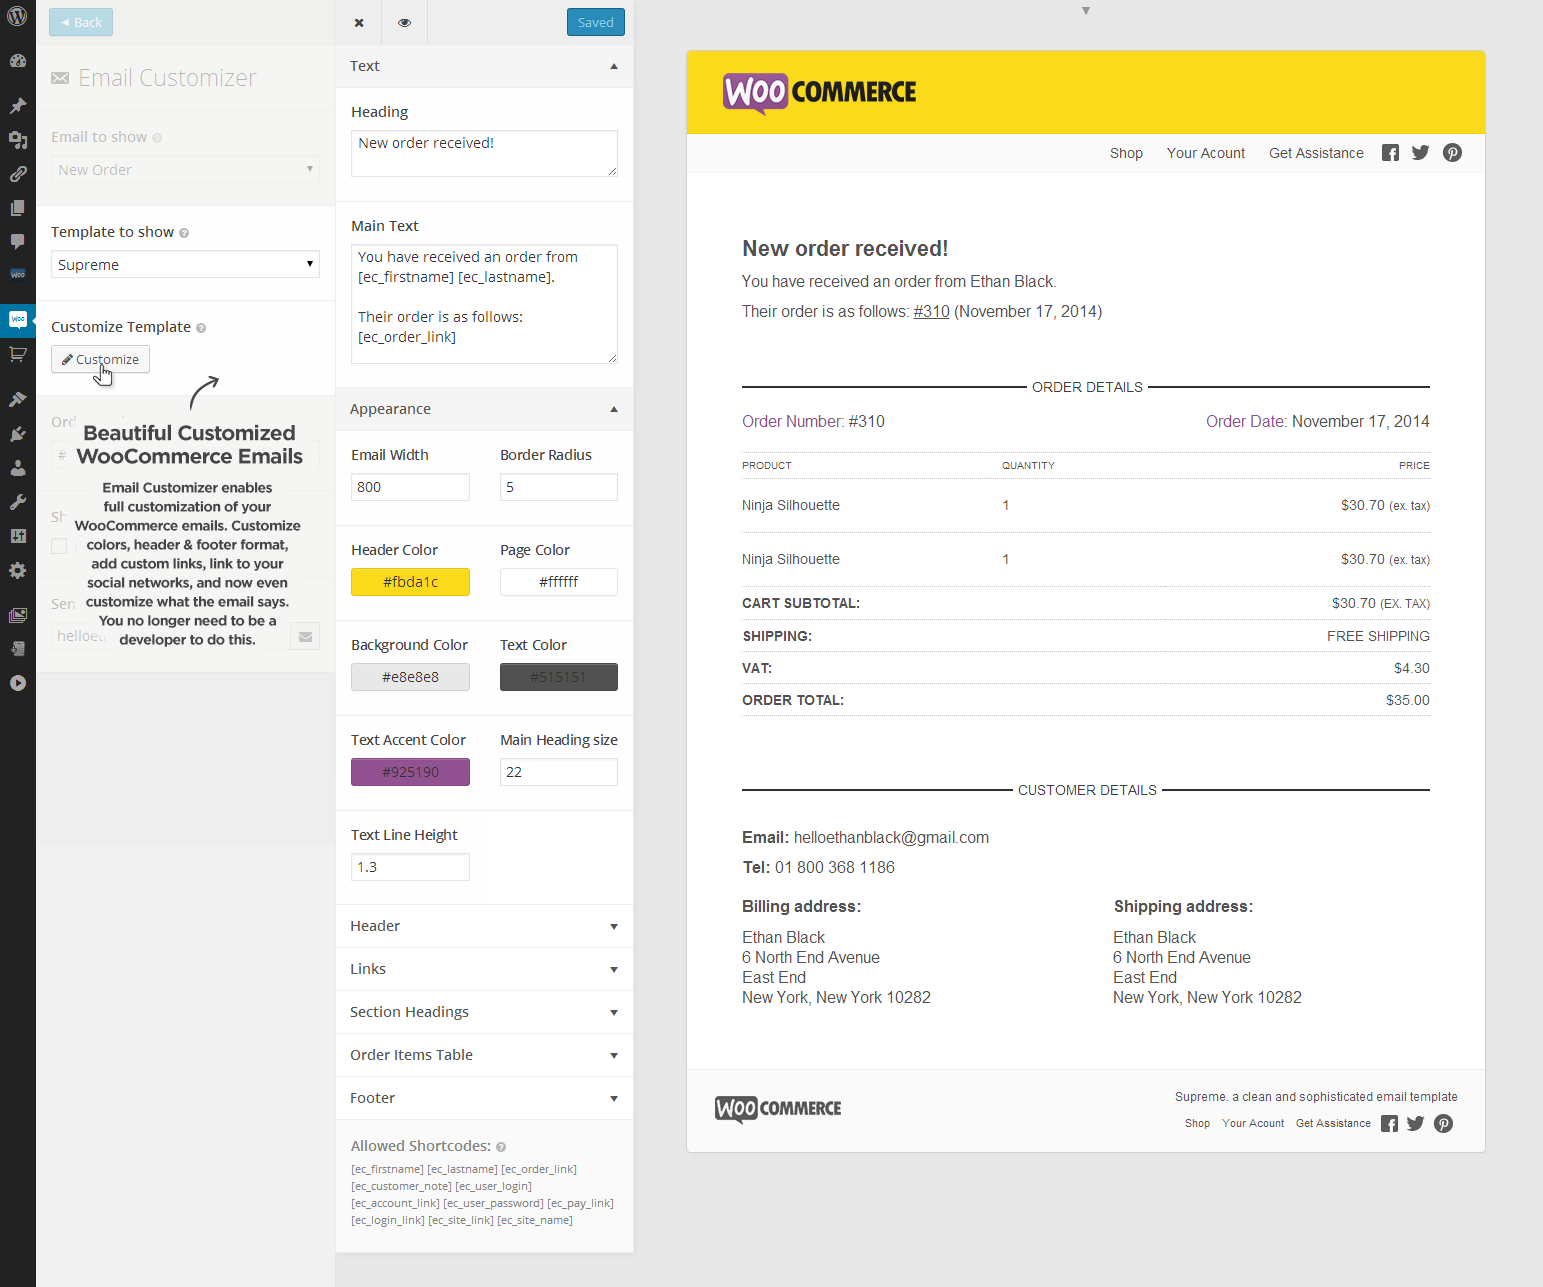 email customizer for woocommerce wanderlust web design. Black Bedroom Furniture Sets. Home Design Ideas